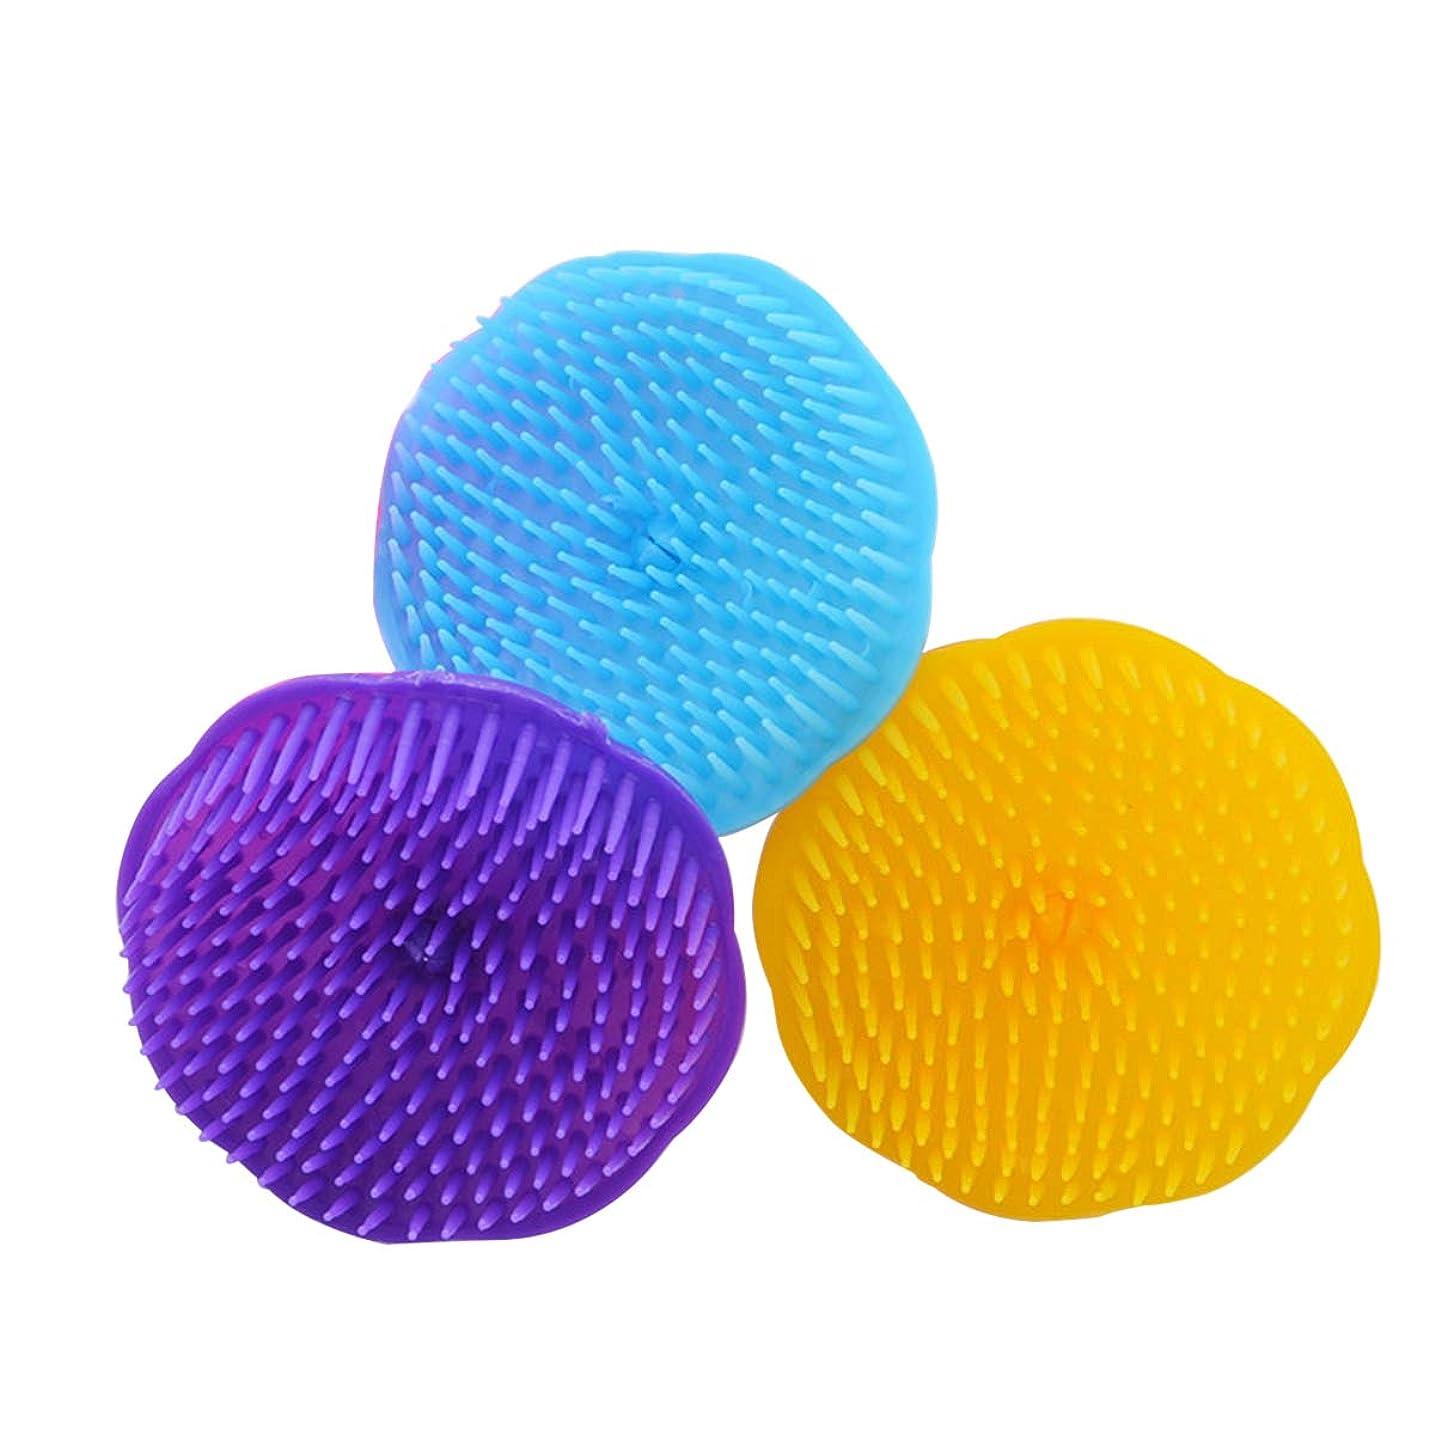 オリエントマニアック自然SUPVOX ヘアマッサージブラシ シャワーシャンプー頭皮ブラシヘッドボディマッサージスパスリミングブラシ3PCS(ランダムカラー)